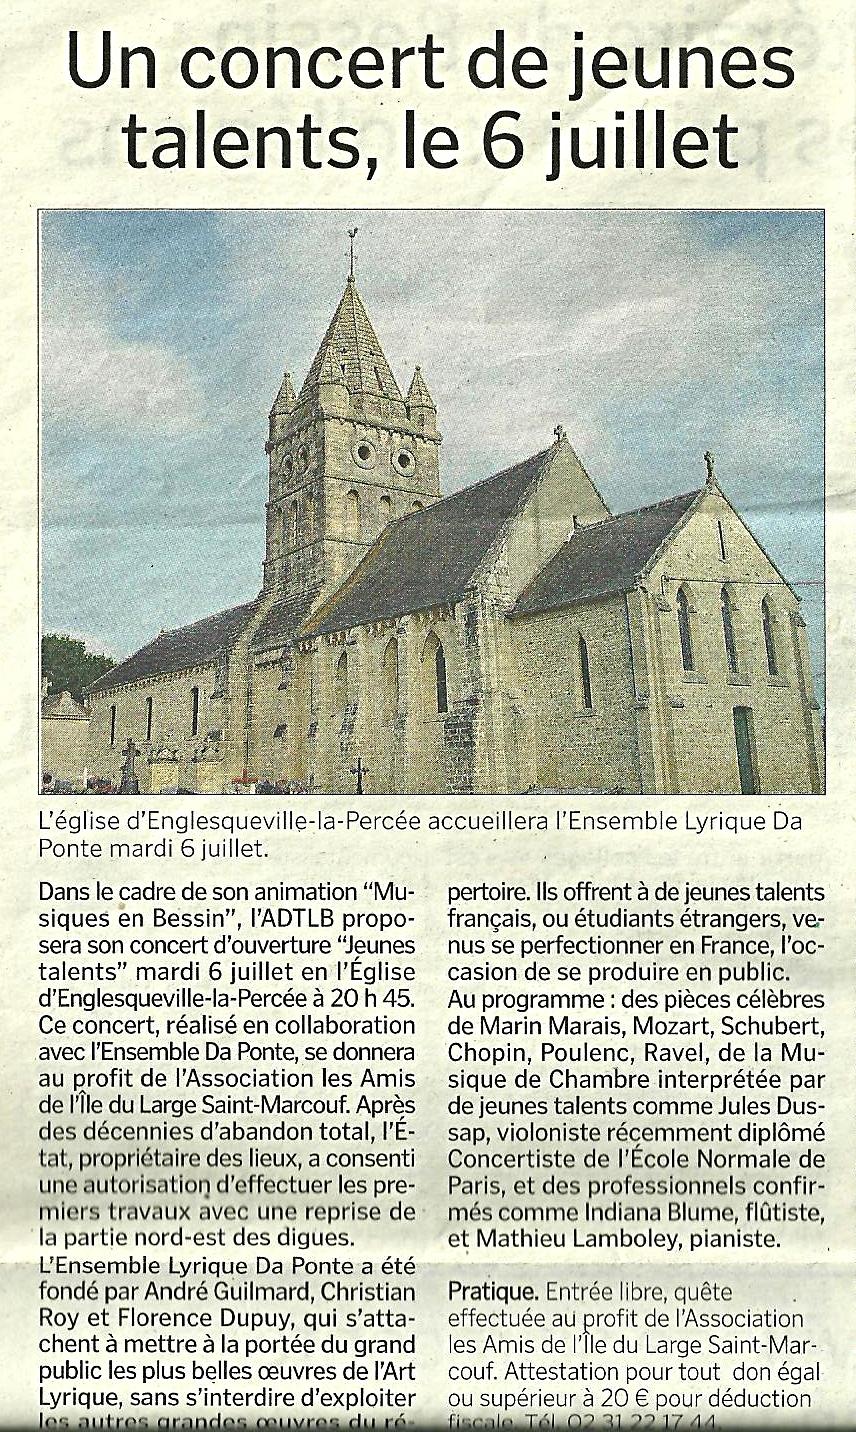 Article de presse : Un concert de jeunes talents le 6 juillet (La Manche Libre, 7 juillet 2010)